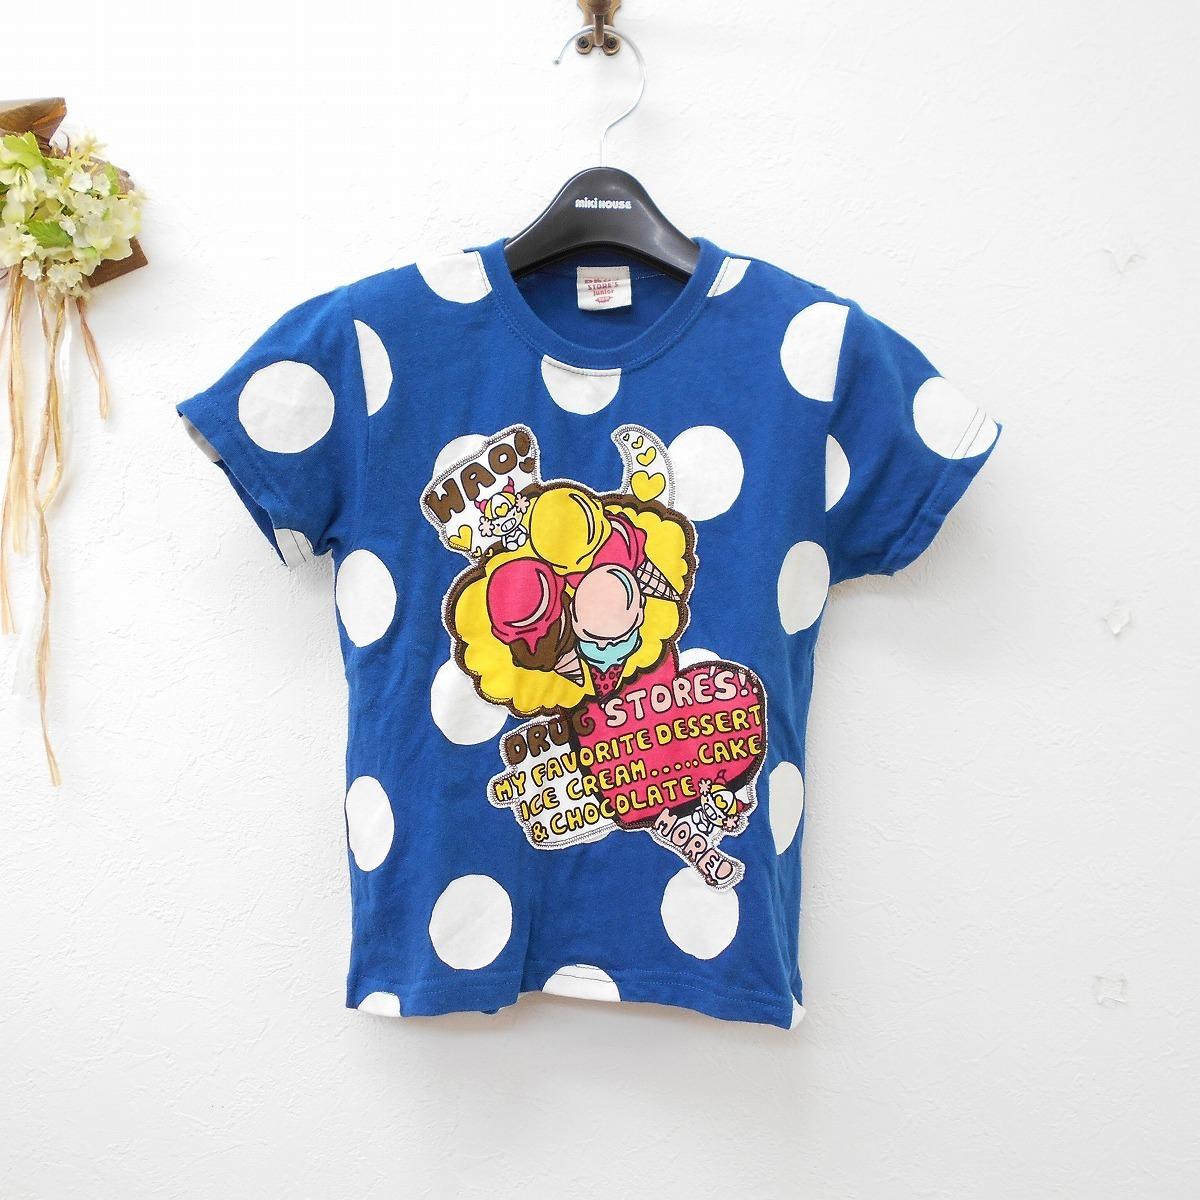 ドラッグストアーズ DRUG STORES キッズ 100cm 半袖 Tシャツ ブルー ドット プリント ワッペン トップス_画像1